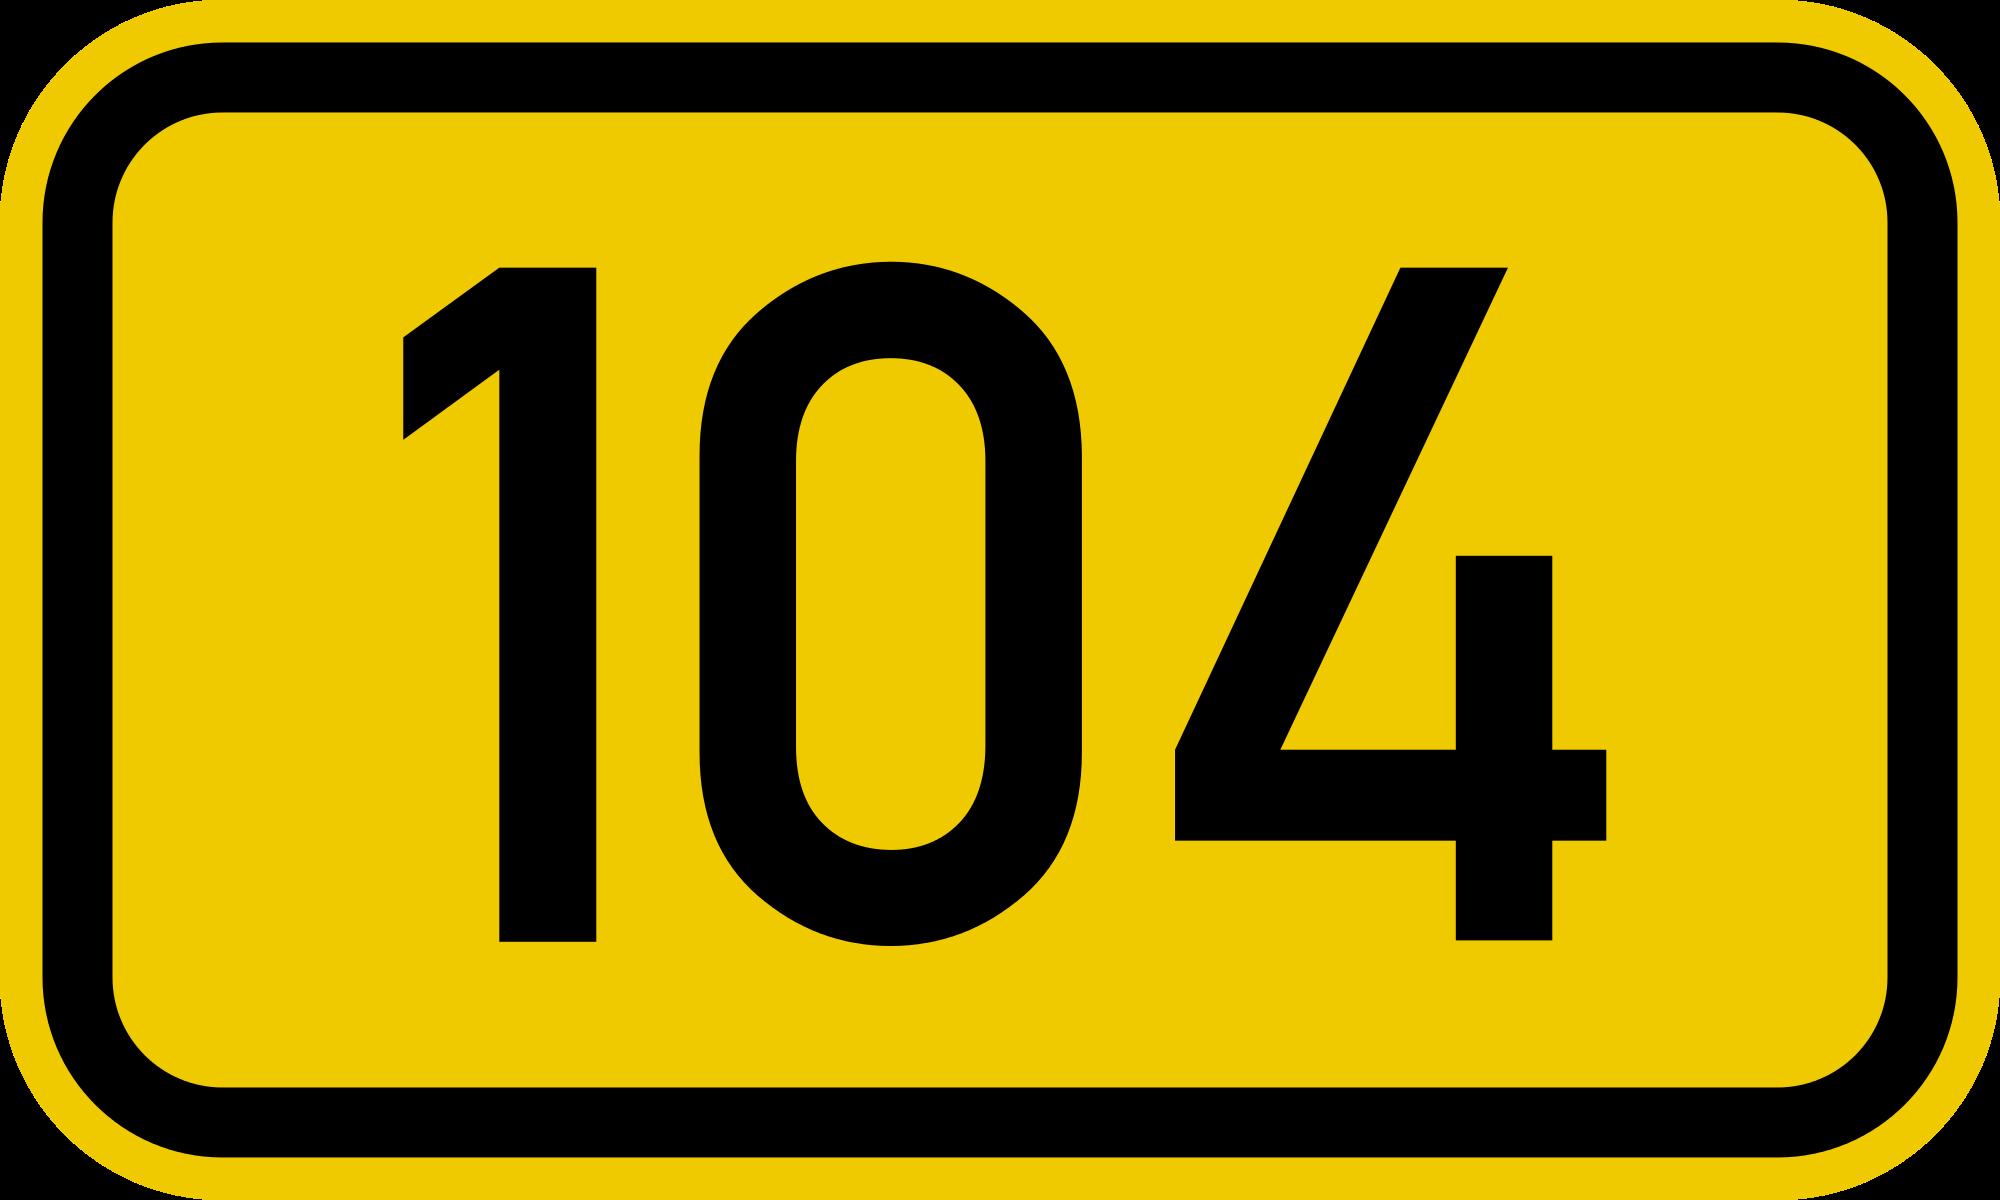 legge 104 quante ore al mese